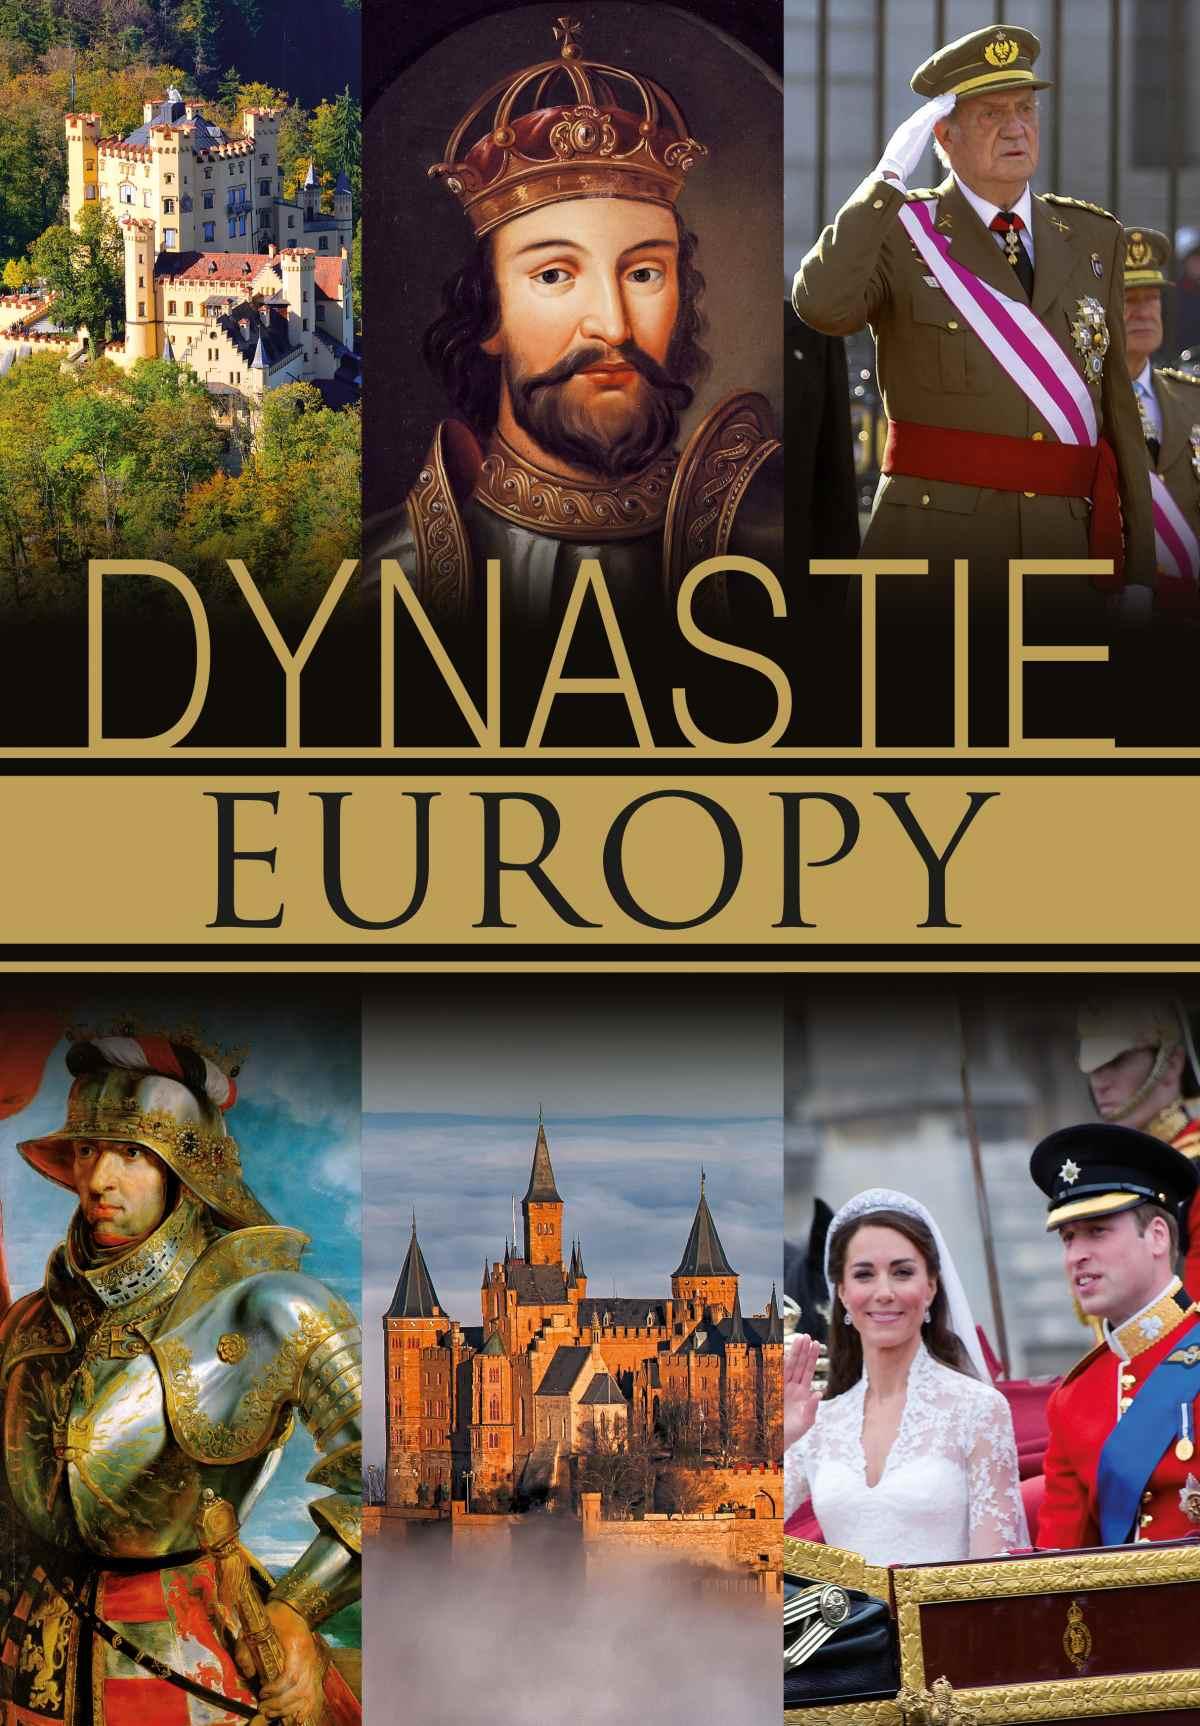 Dynastie Europy - Ebook (Książka PDF) do pobrania w formacie PDF